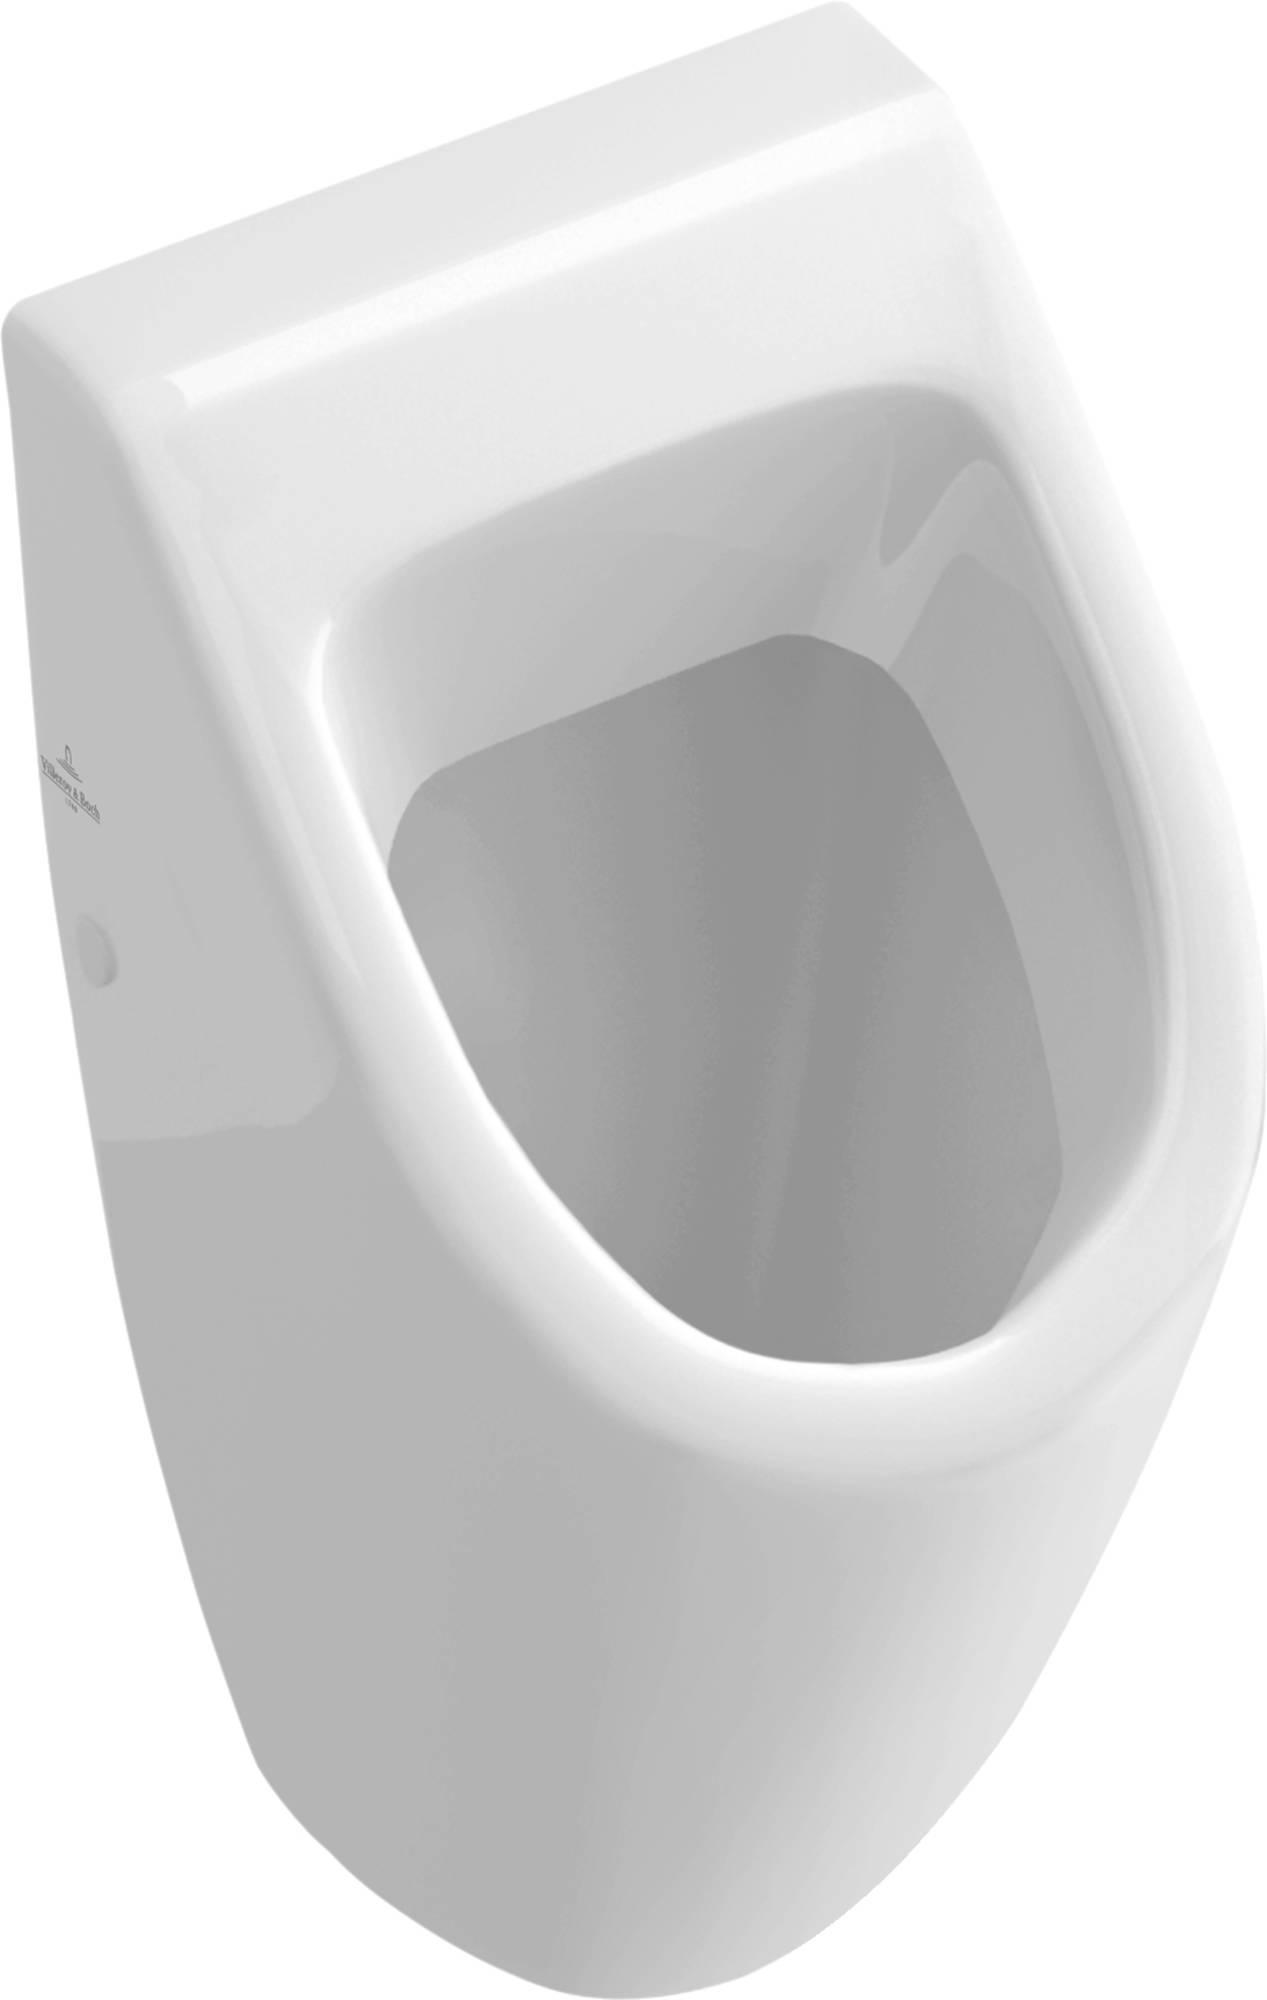 Productafbeelding van Villeroy & Boch Subway Urinoir voor deksel Wit